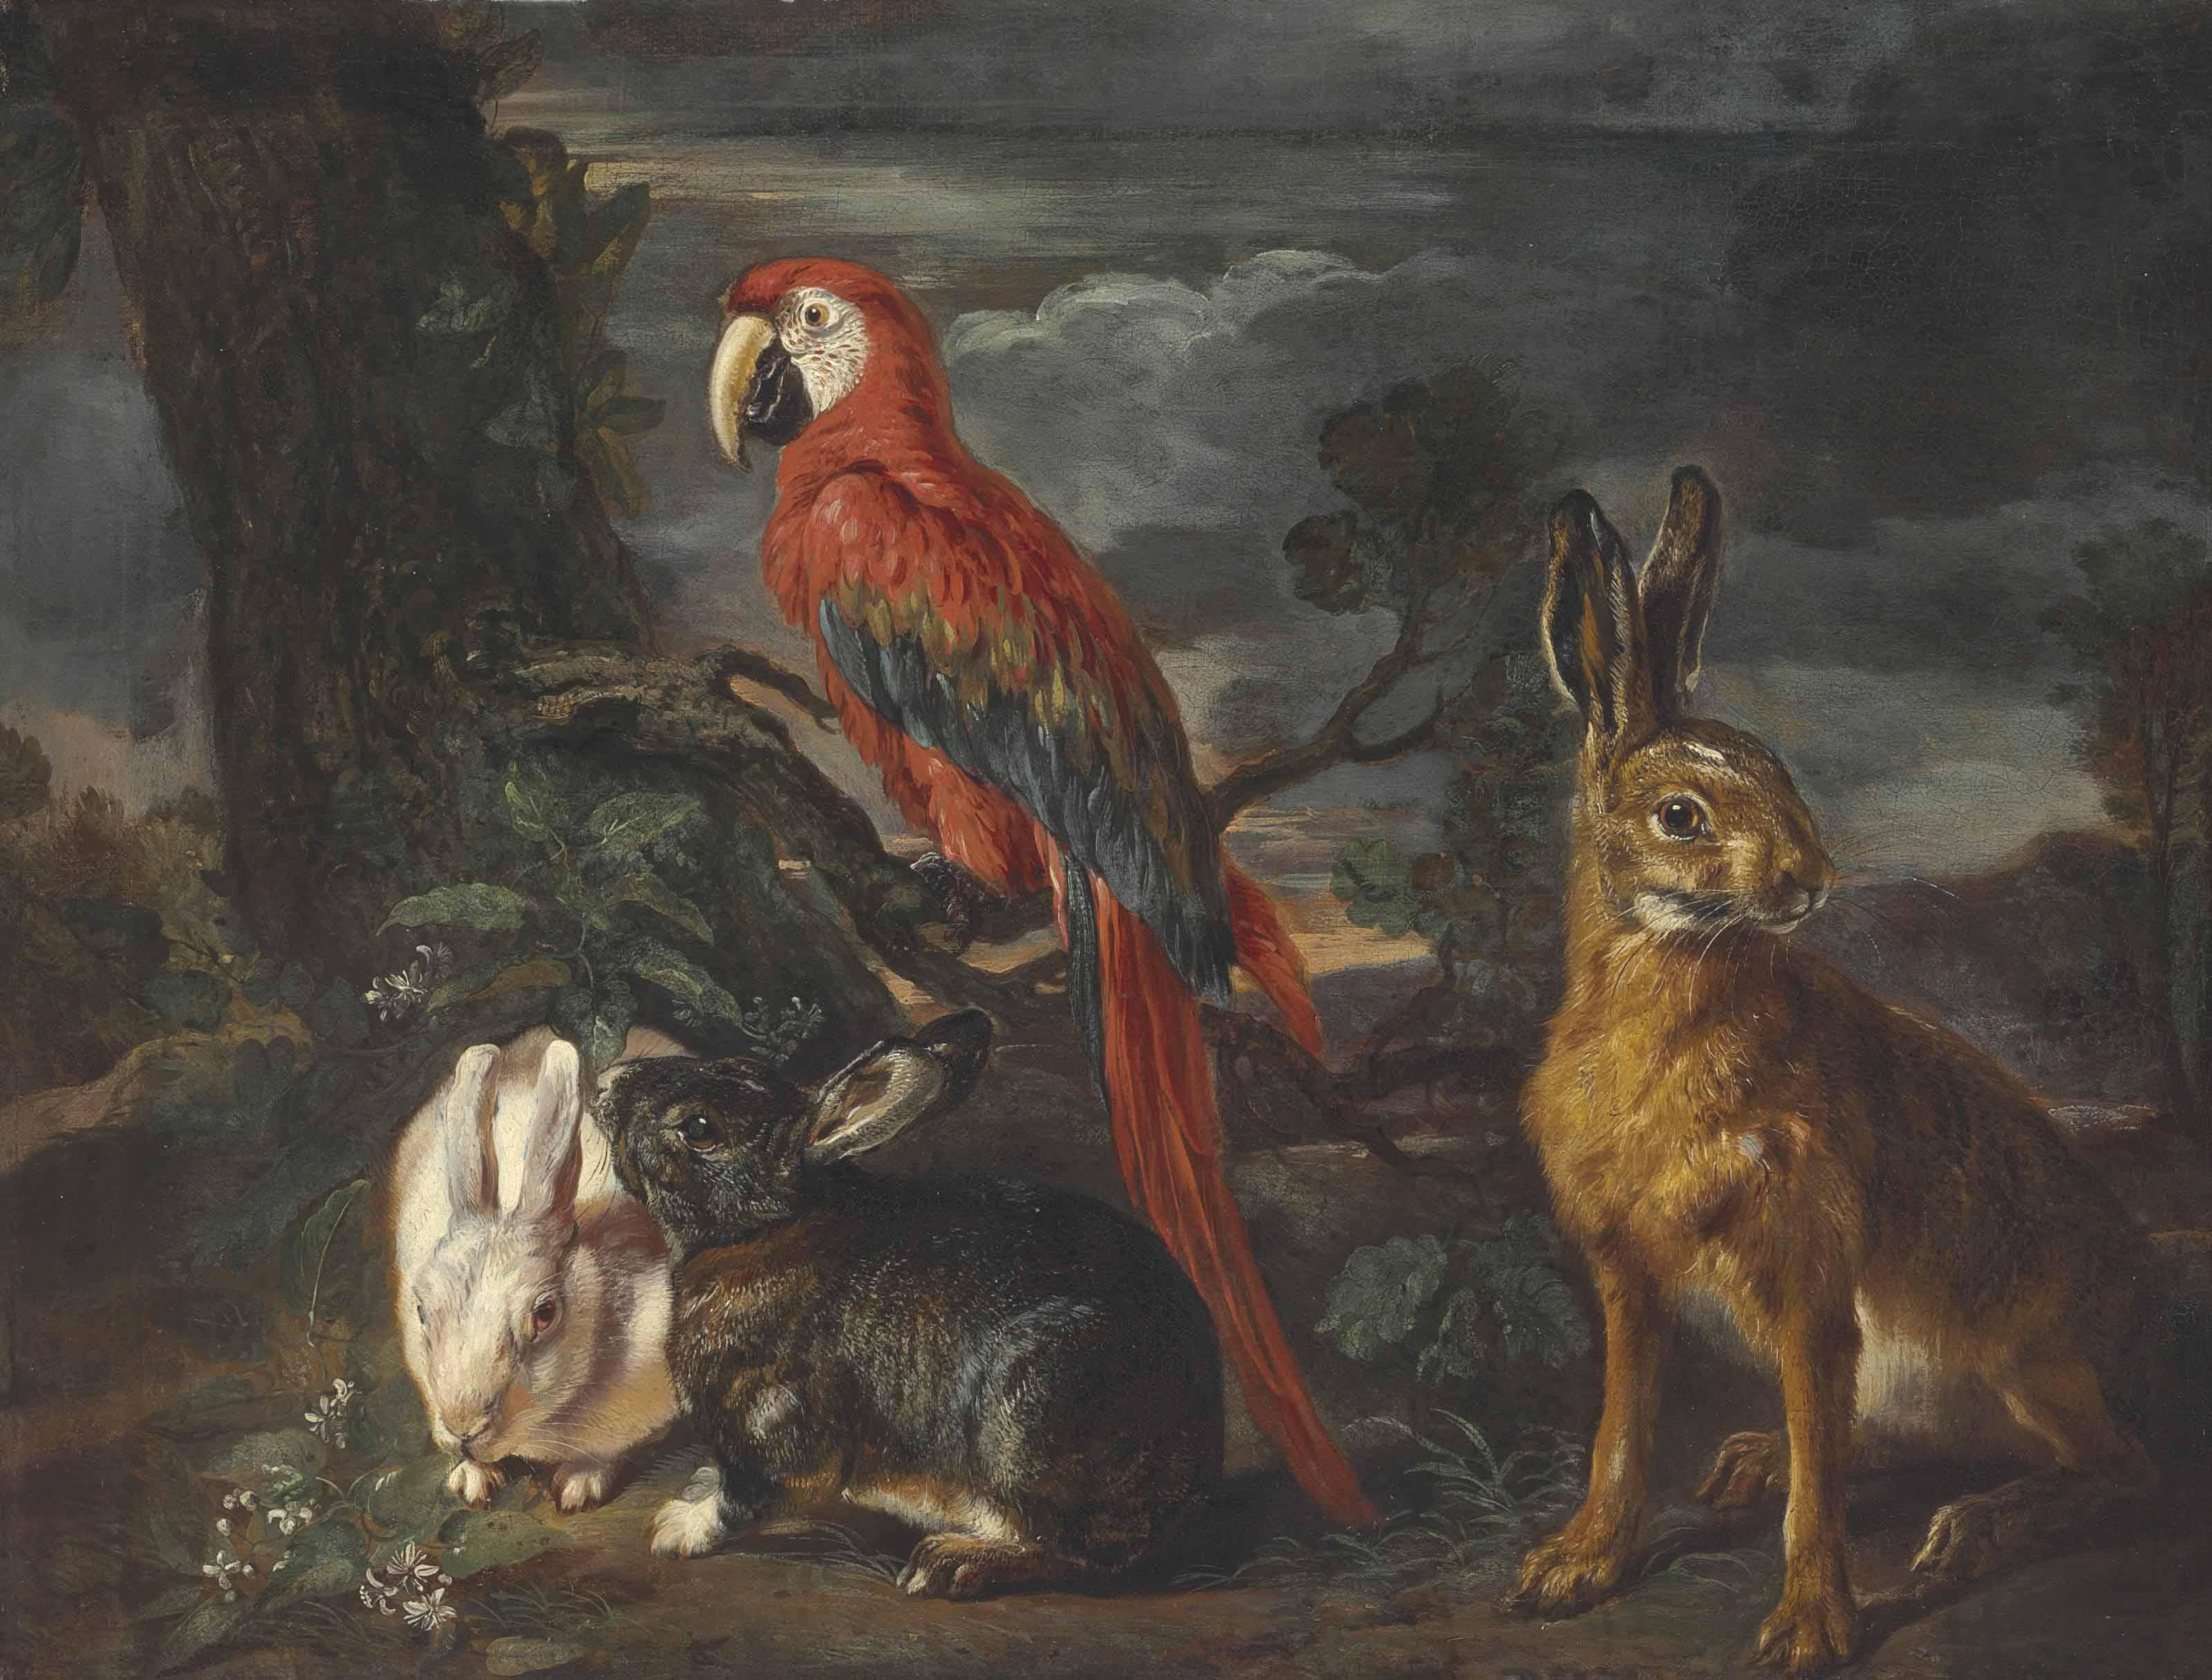 David de Coninck (Antwerp c. 1